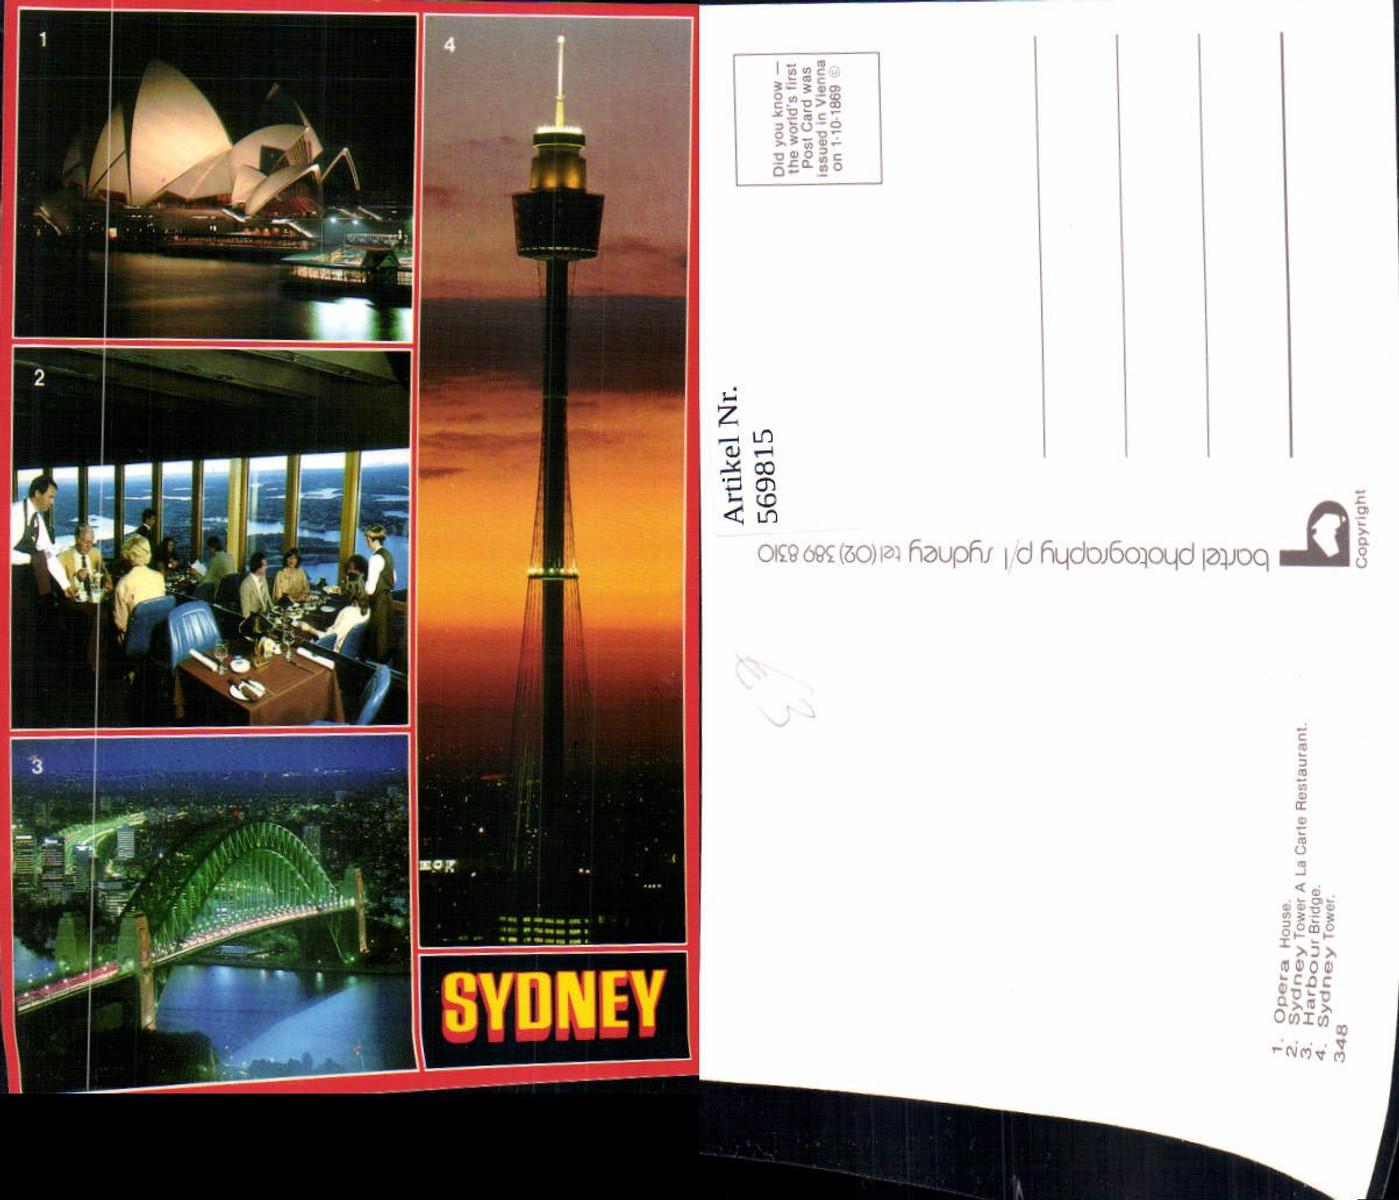 569815,Mehrbild Ak Sydney Opera House Sydney Tower Harbour Bridge Australia Australien günstig online kaufen